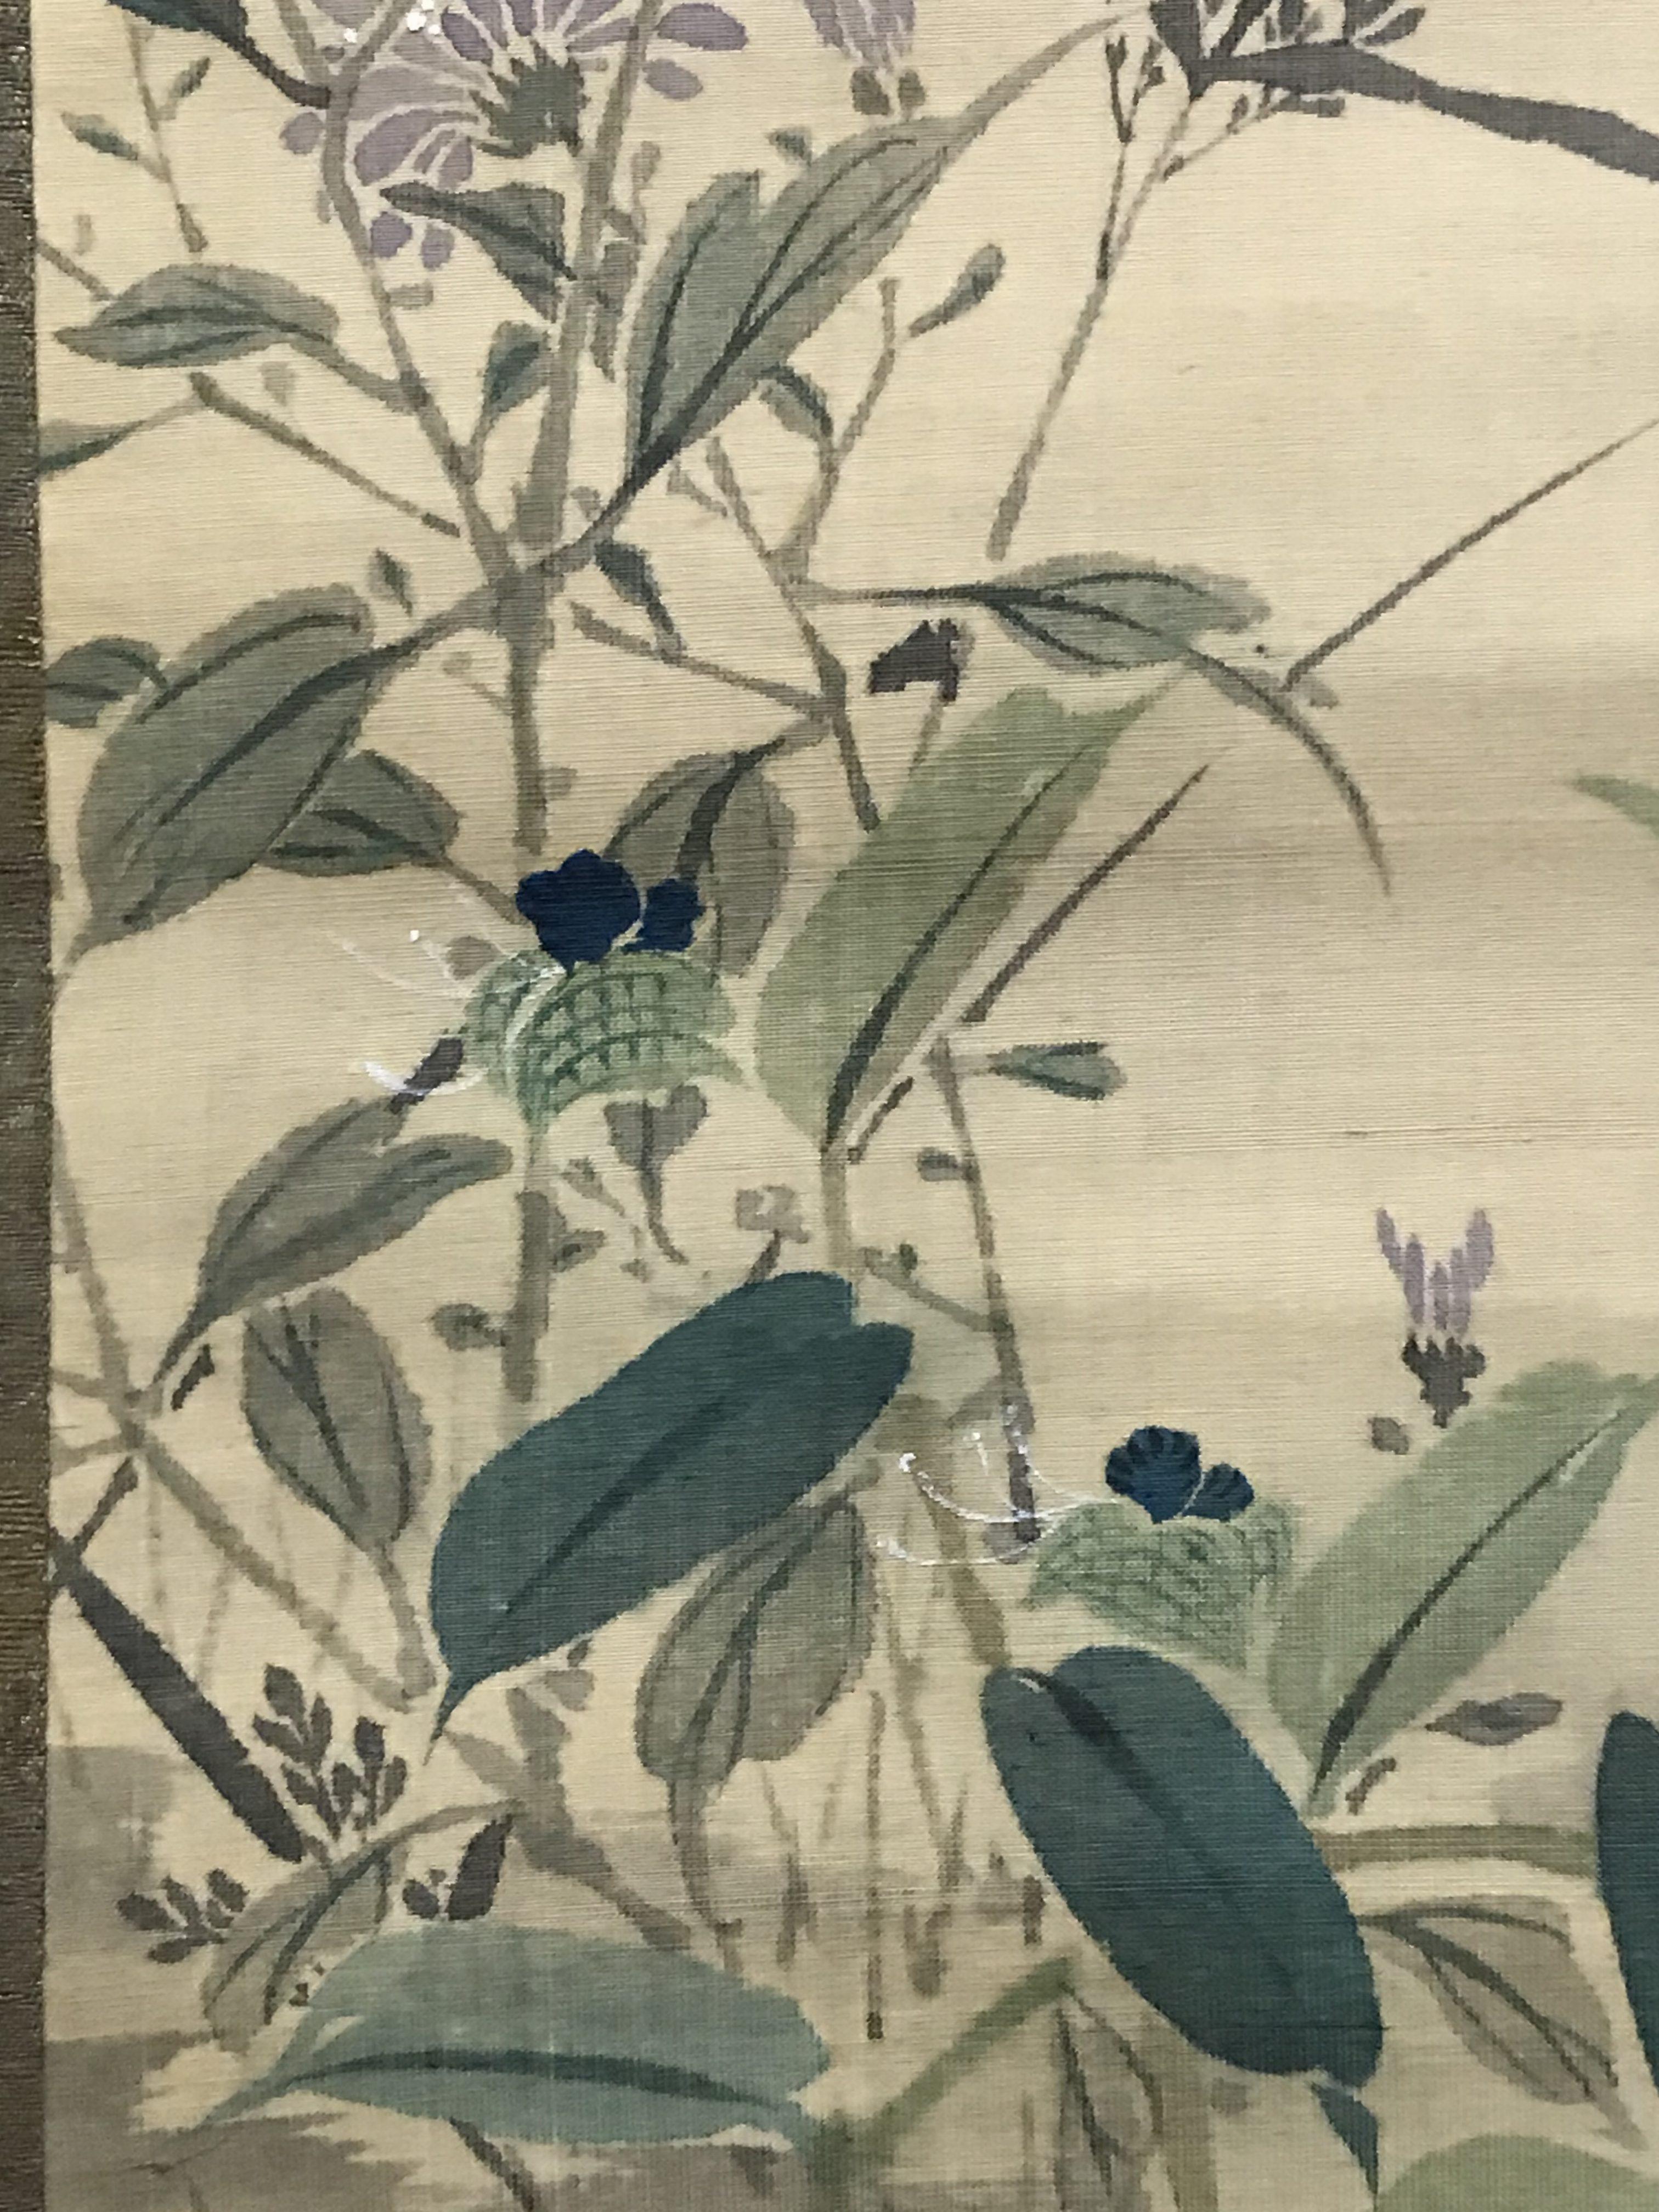 森一鳳 蜻蛉秋草図